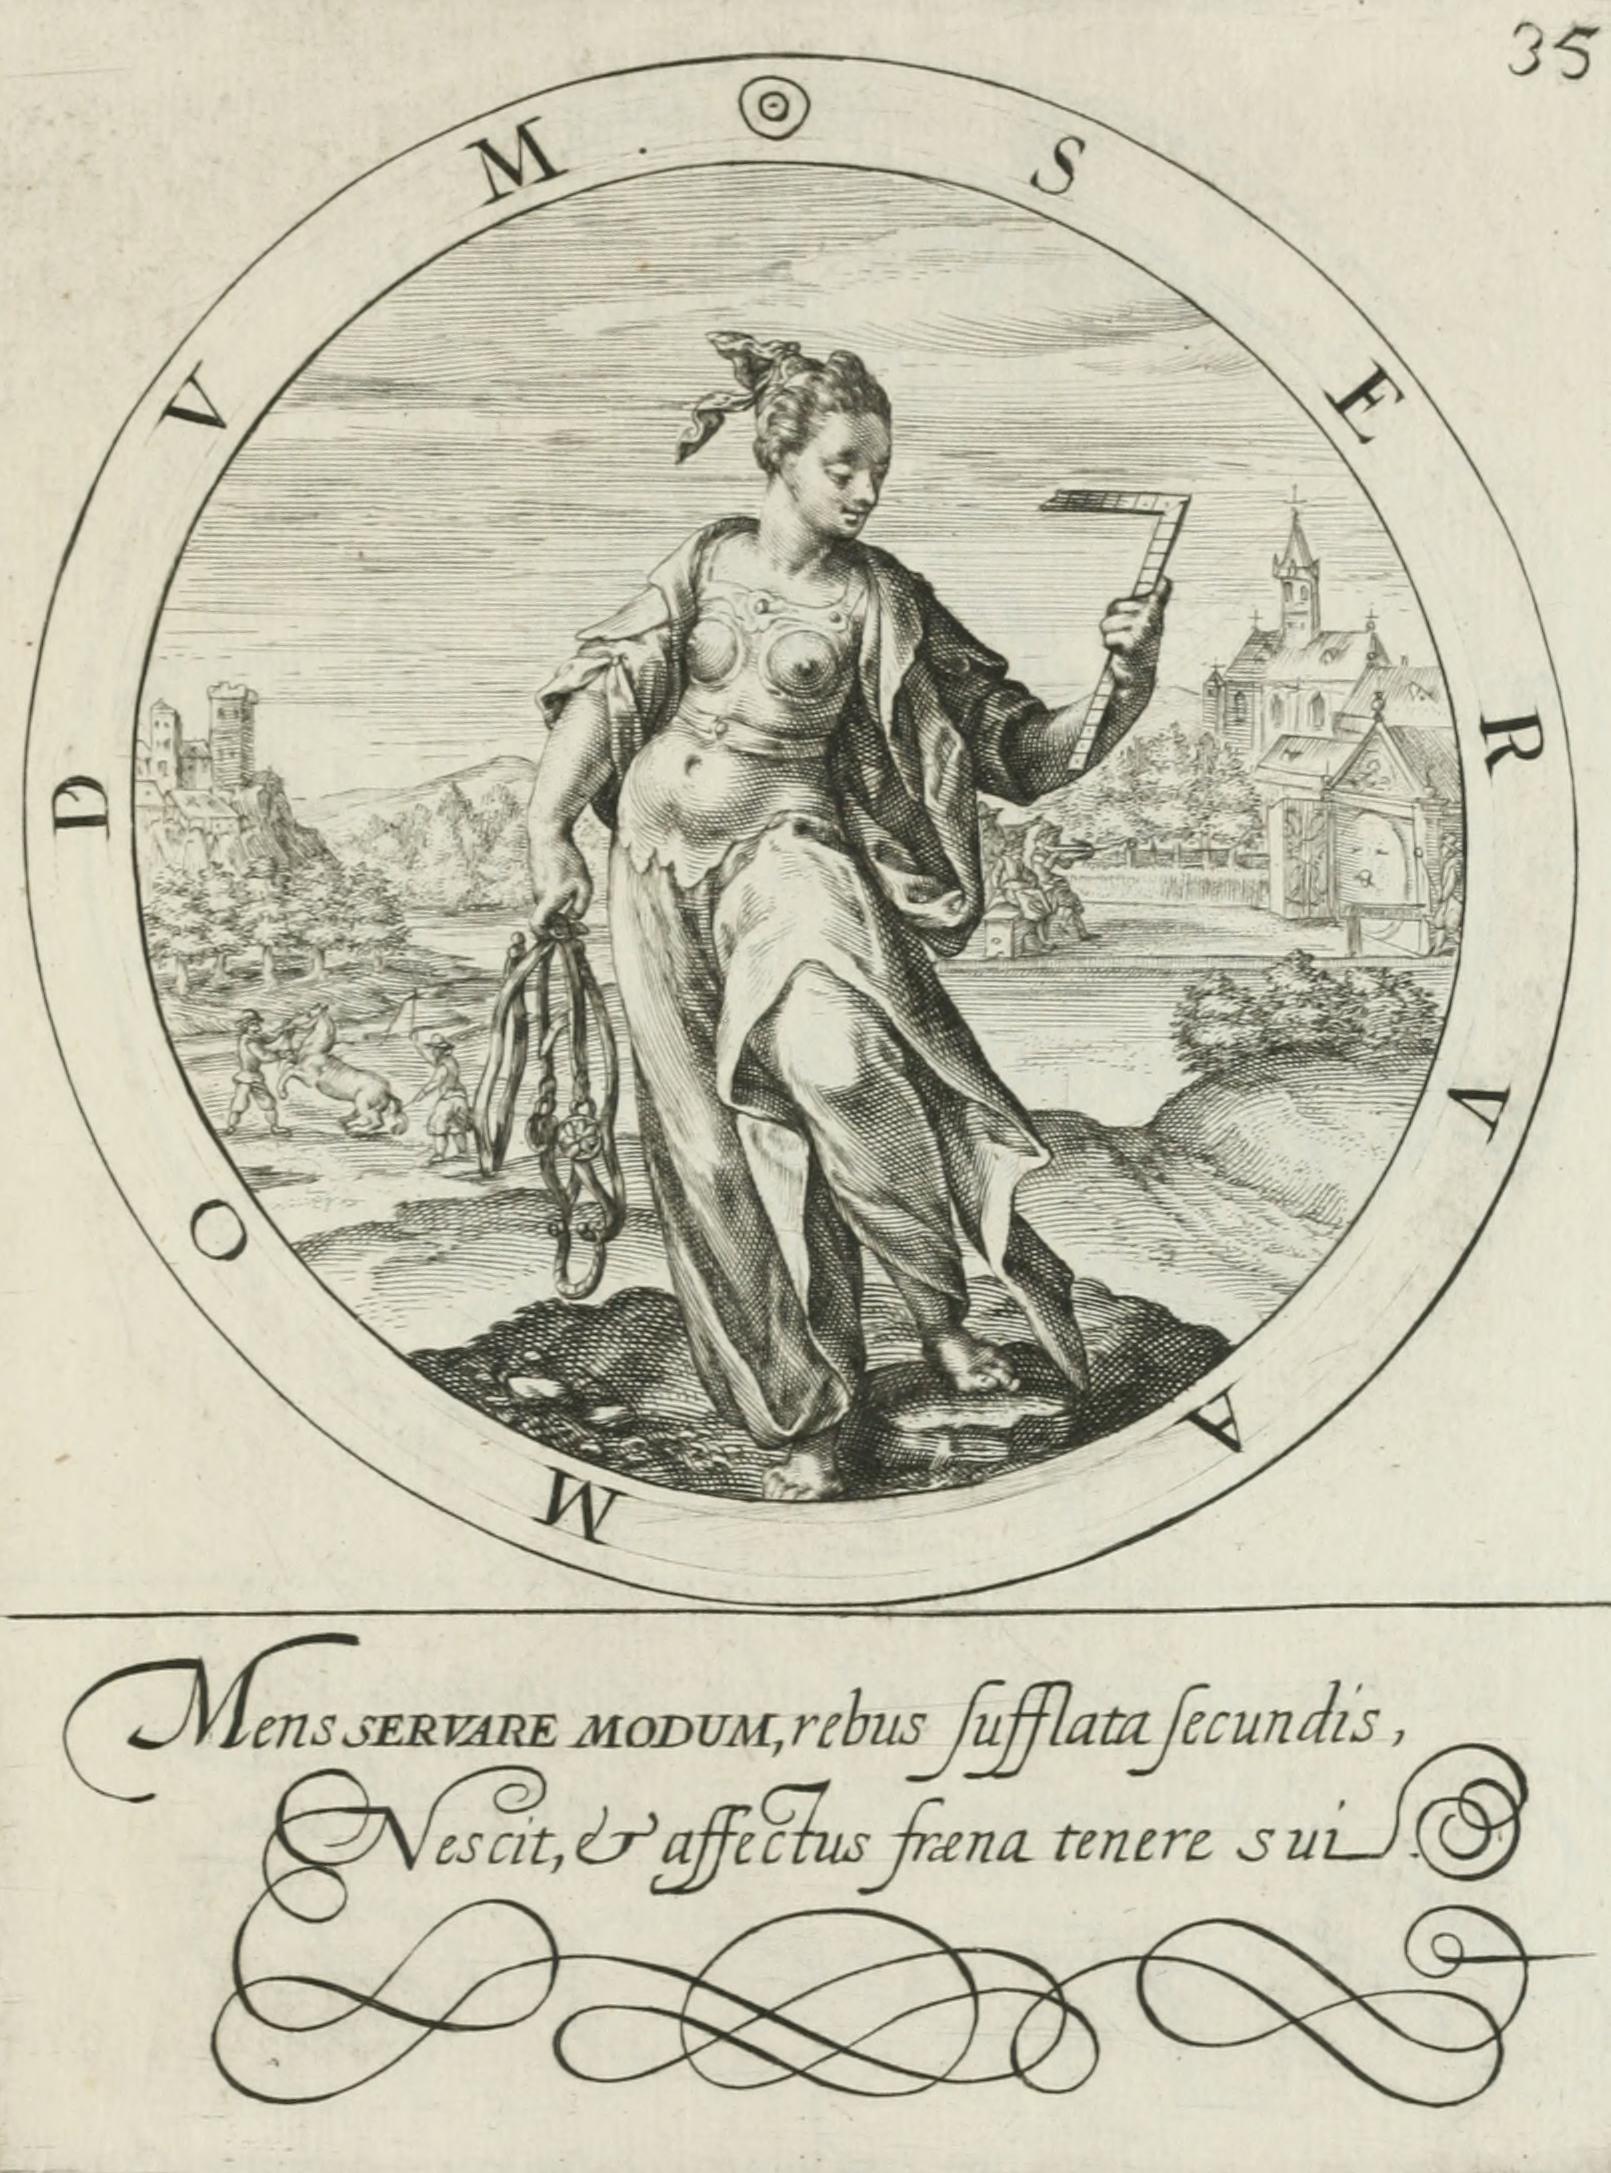 Gabriel Rollenhagen, Nucleus emblematum selectissimorum. Centuria secunda, Crispin de Passe, Utrecht 1613, pl. 35